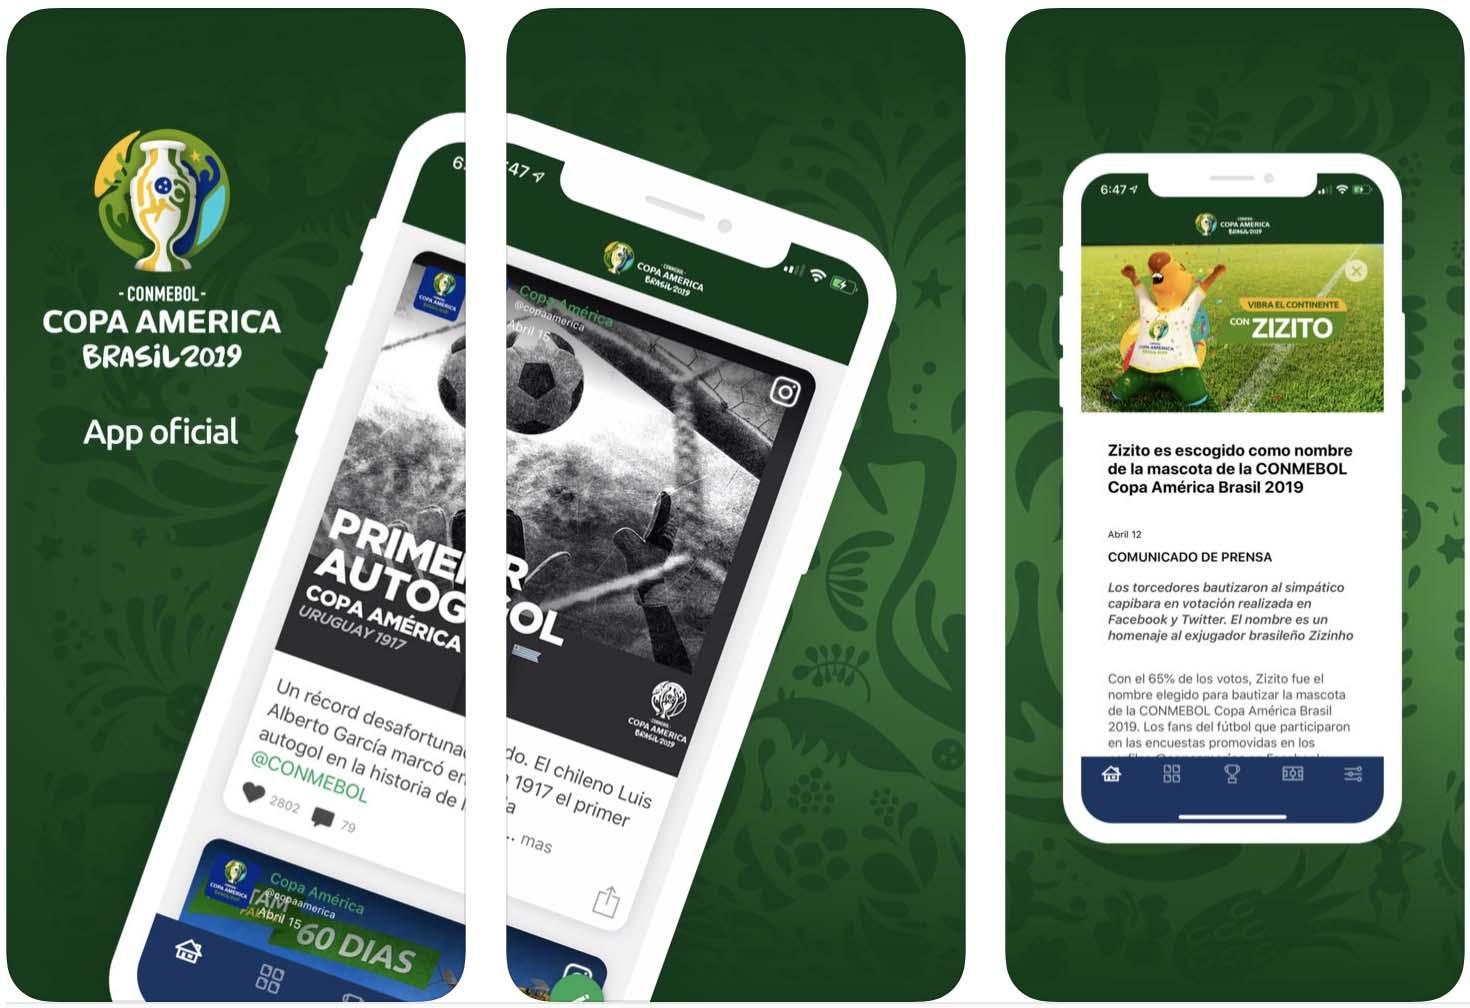 Telas do aplicativo Copa América para iOS